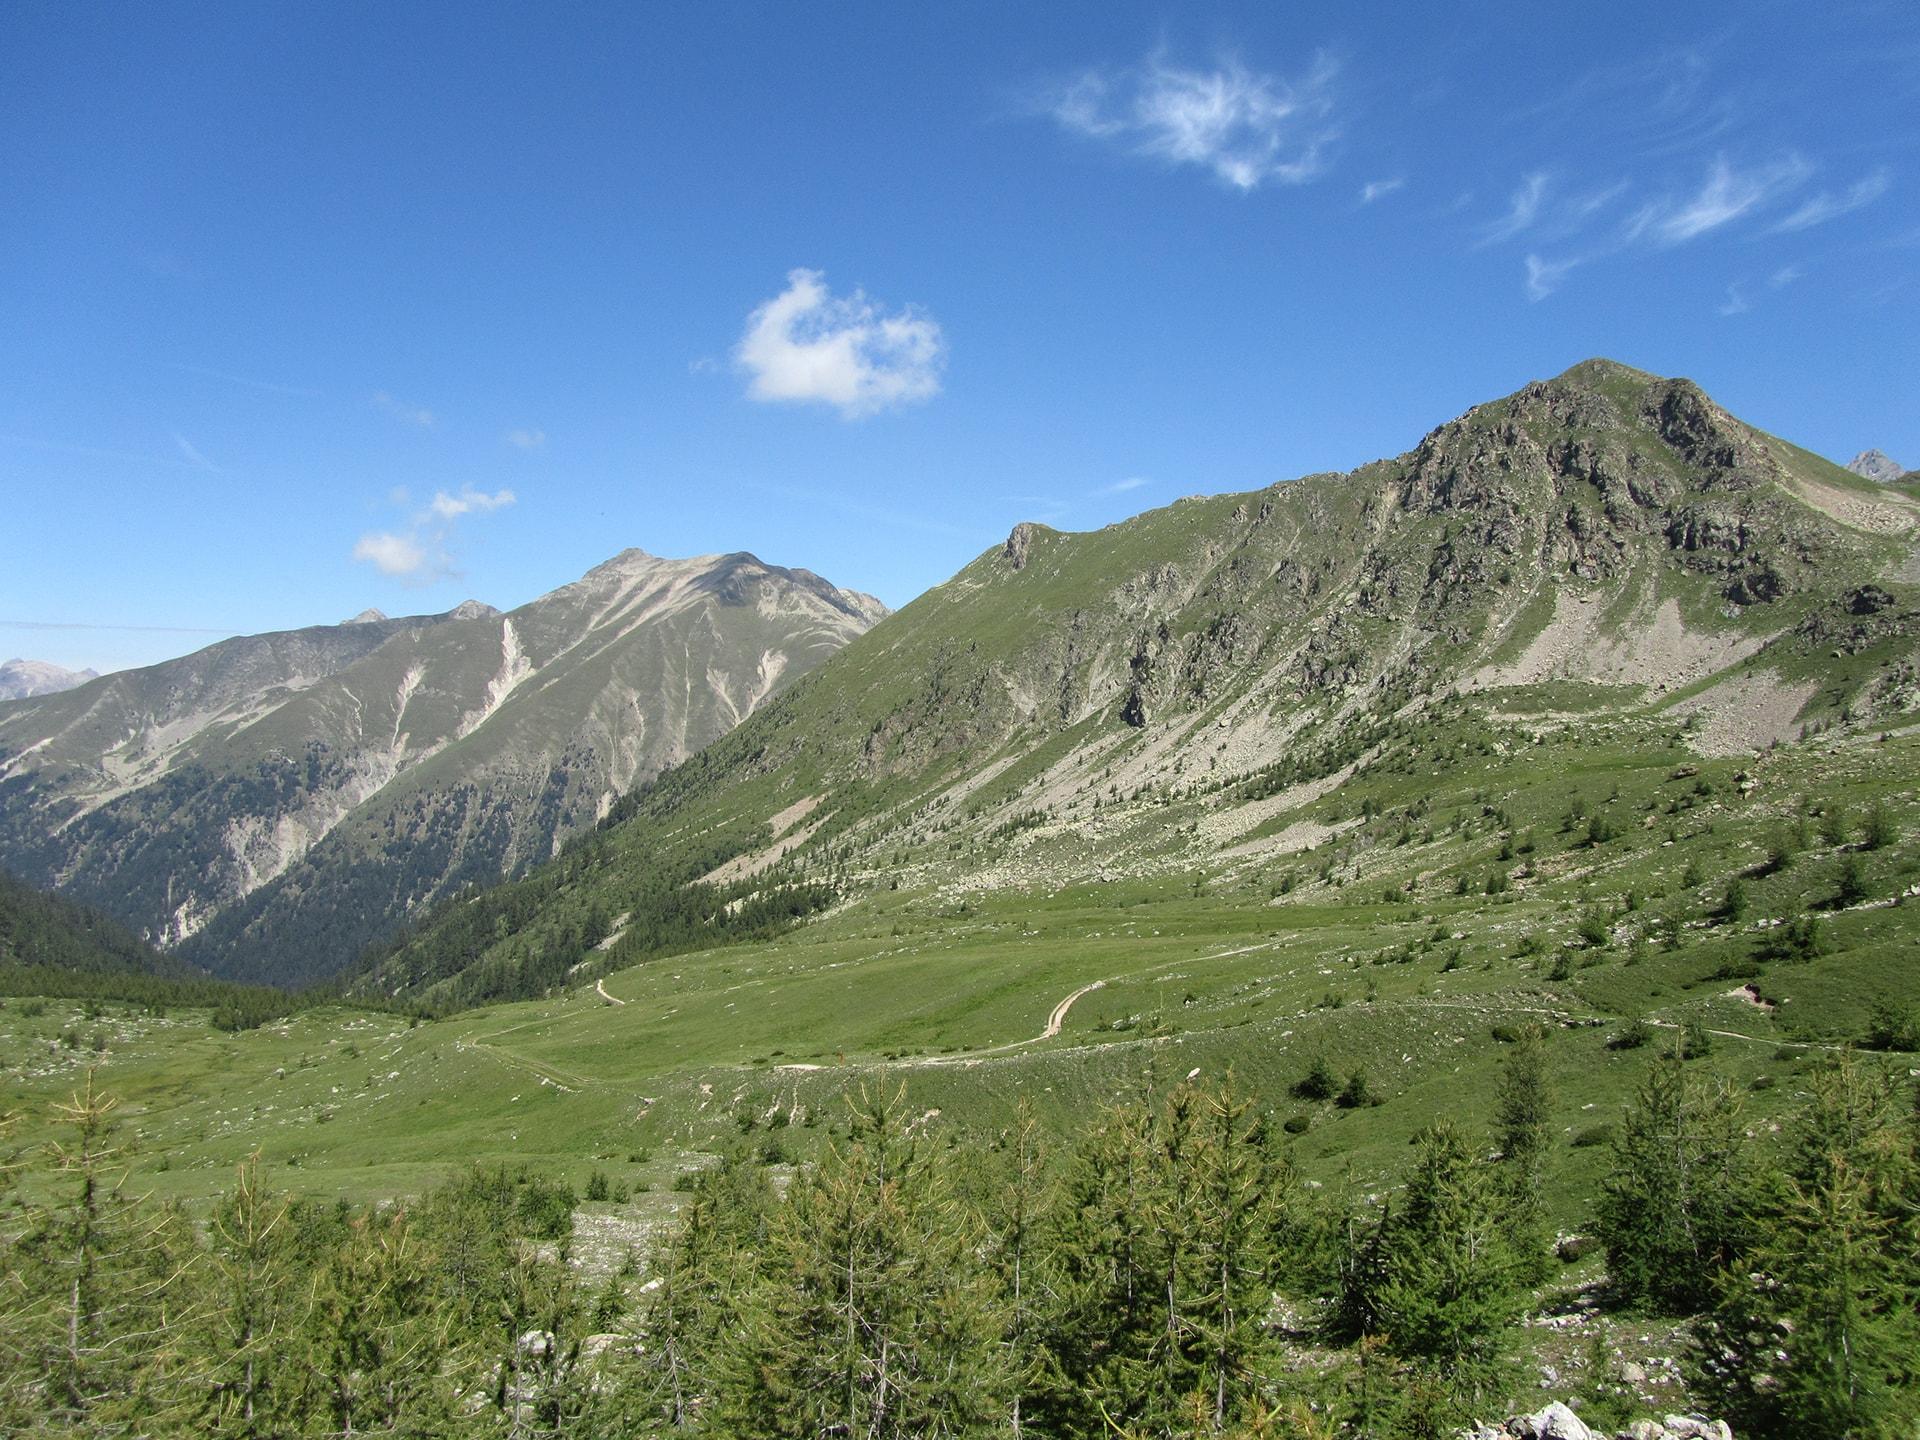 Vallée de la Vésubie - Alpes Maritimes (06)